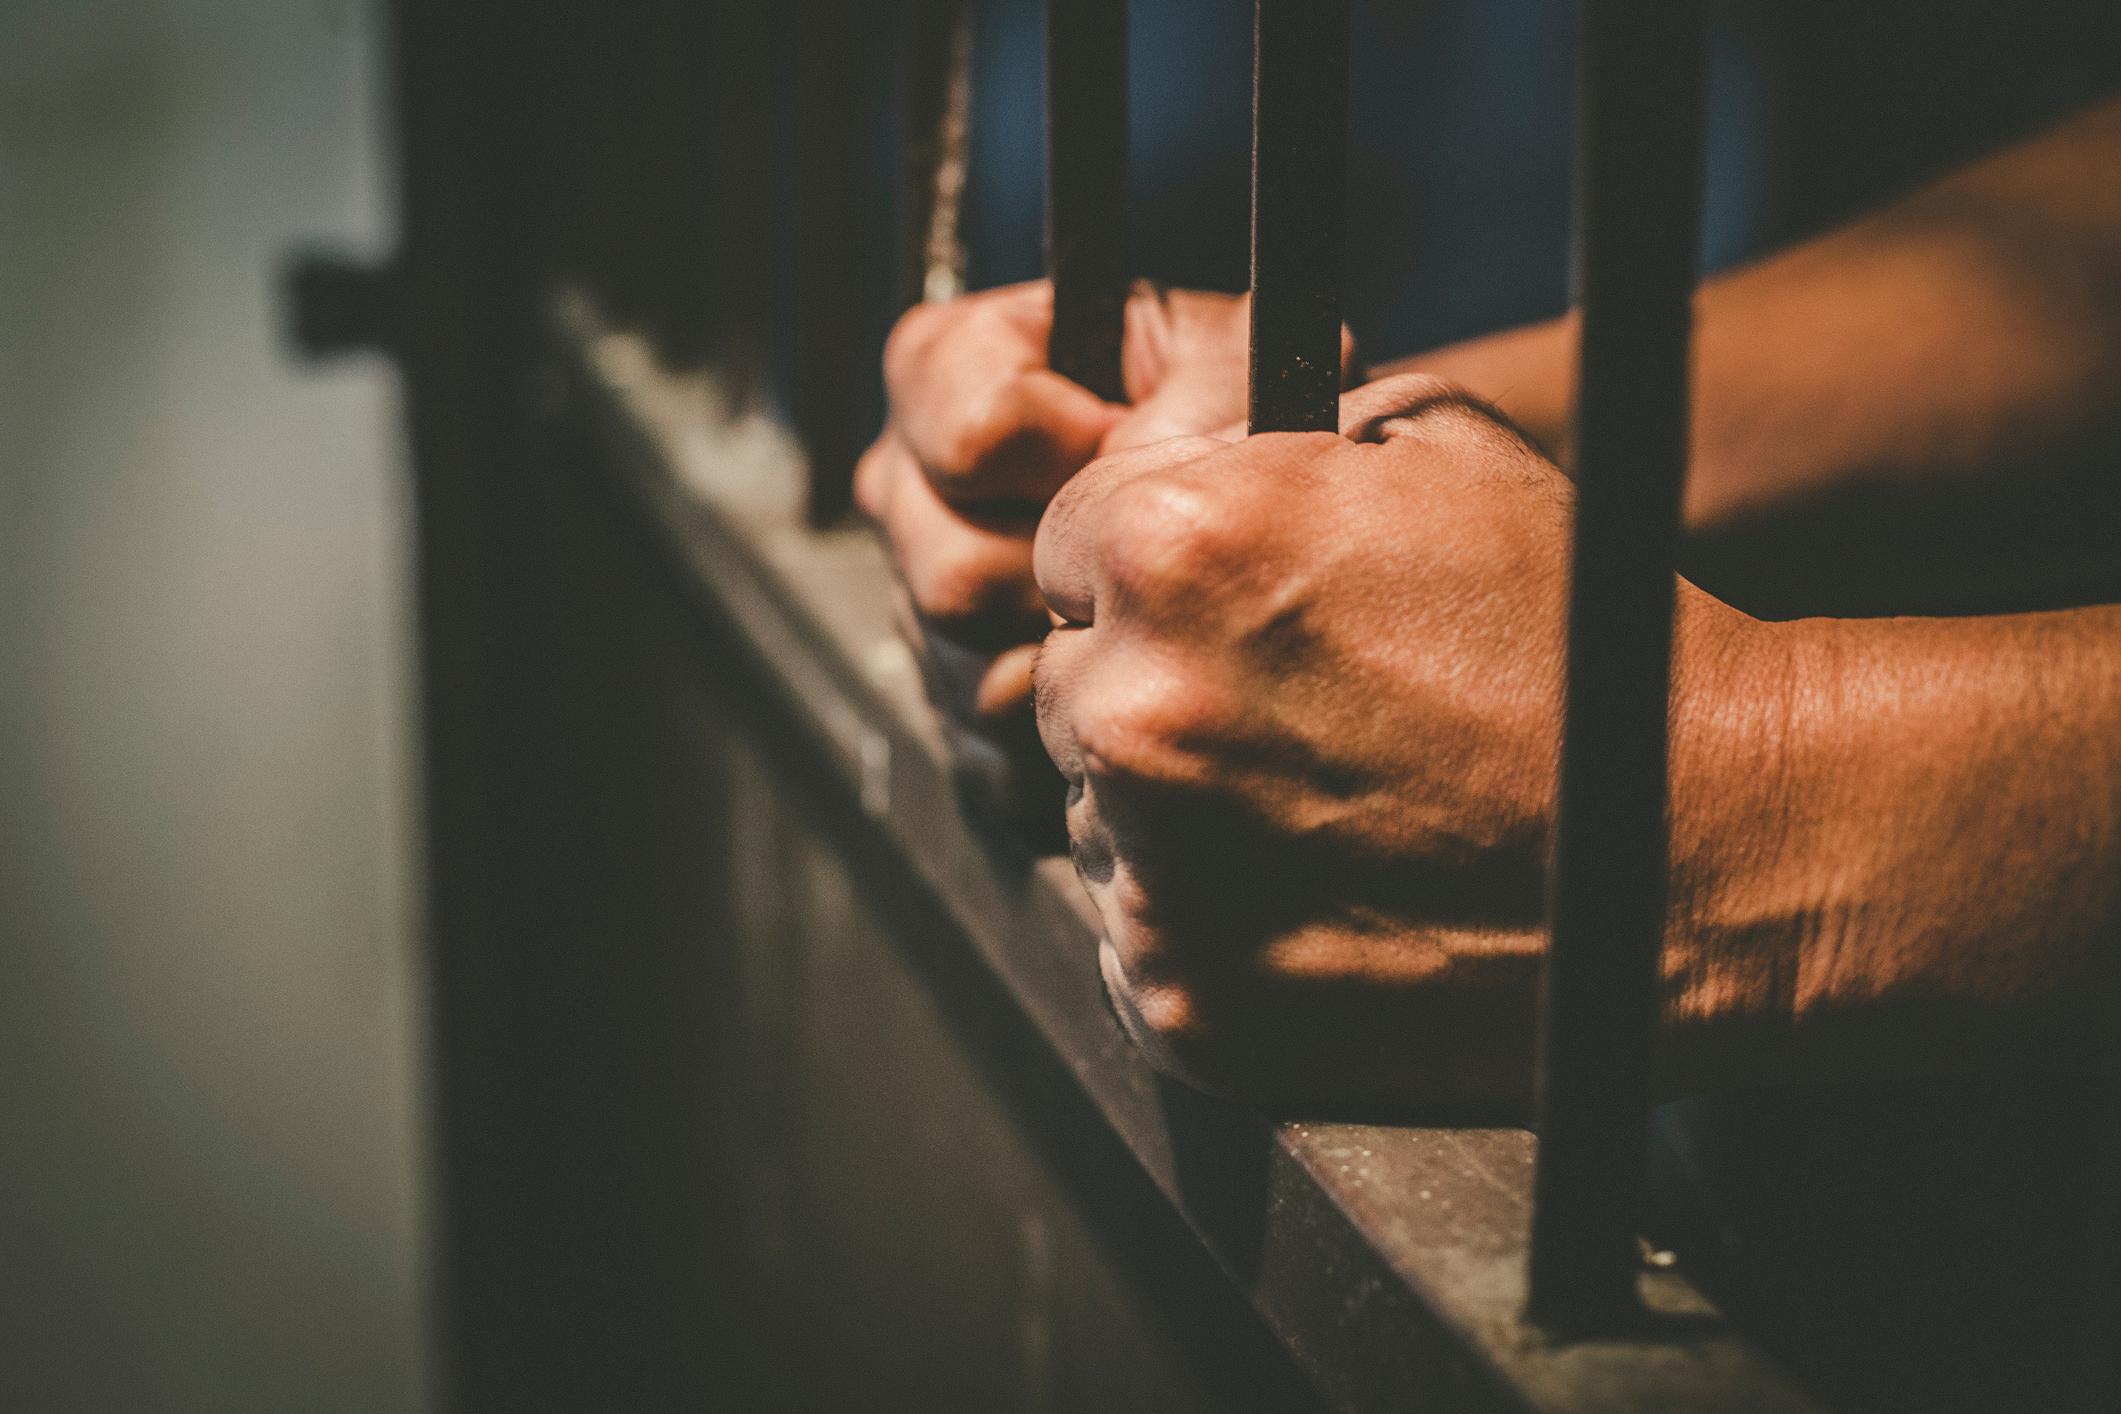 Bătaie în închisoarea unde a stat și El Chapo, din cauza unui meci de baseball. 8 persoane au murit